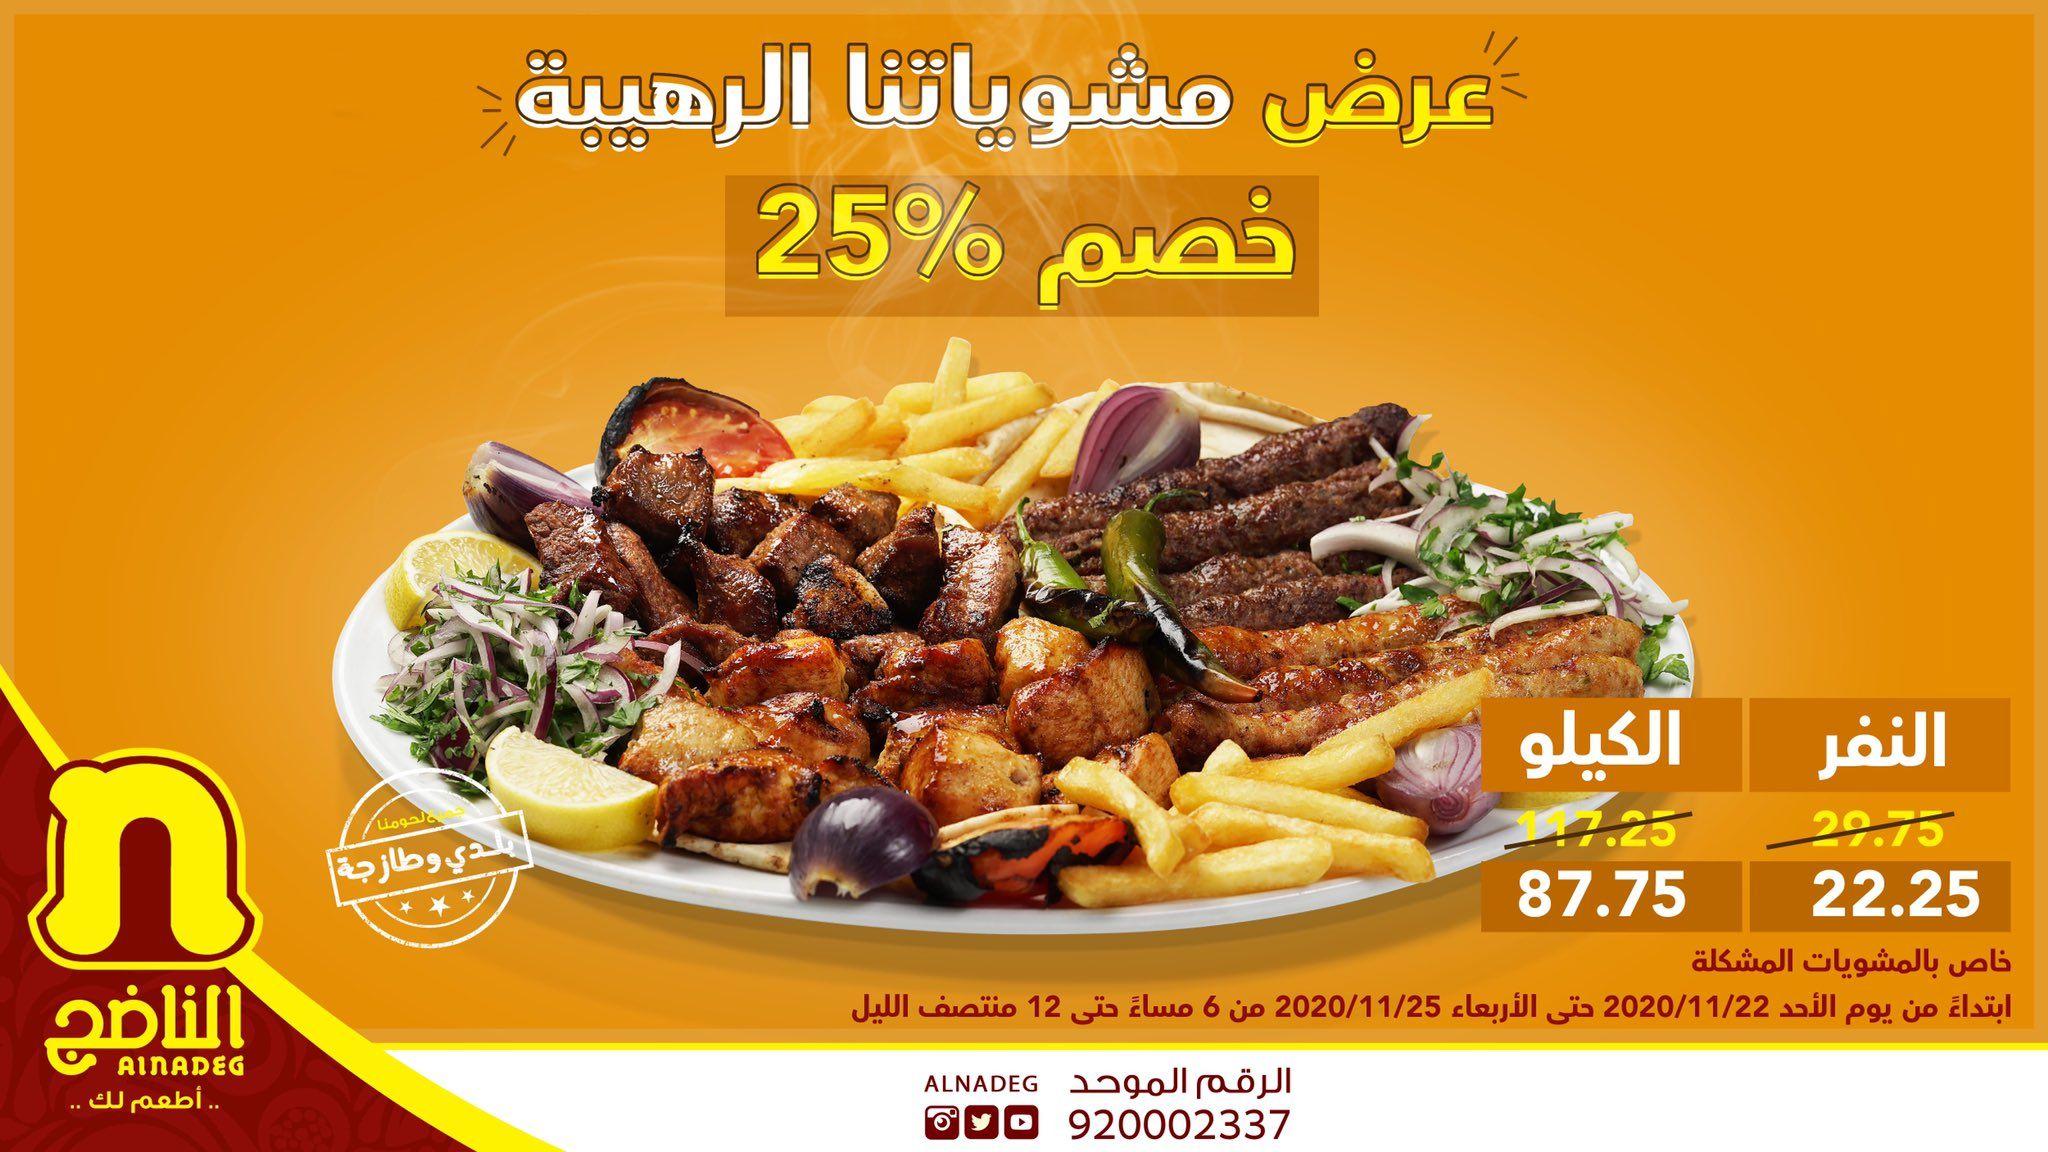 عروض المطاعم عرض مطعم الناضج علي ألذ مشاوي و خصم 25 عروض اليوم Food Beef